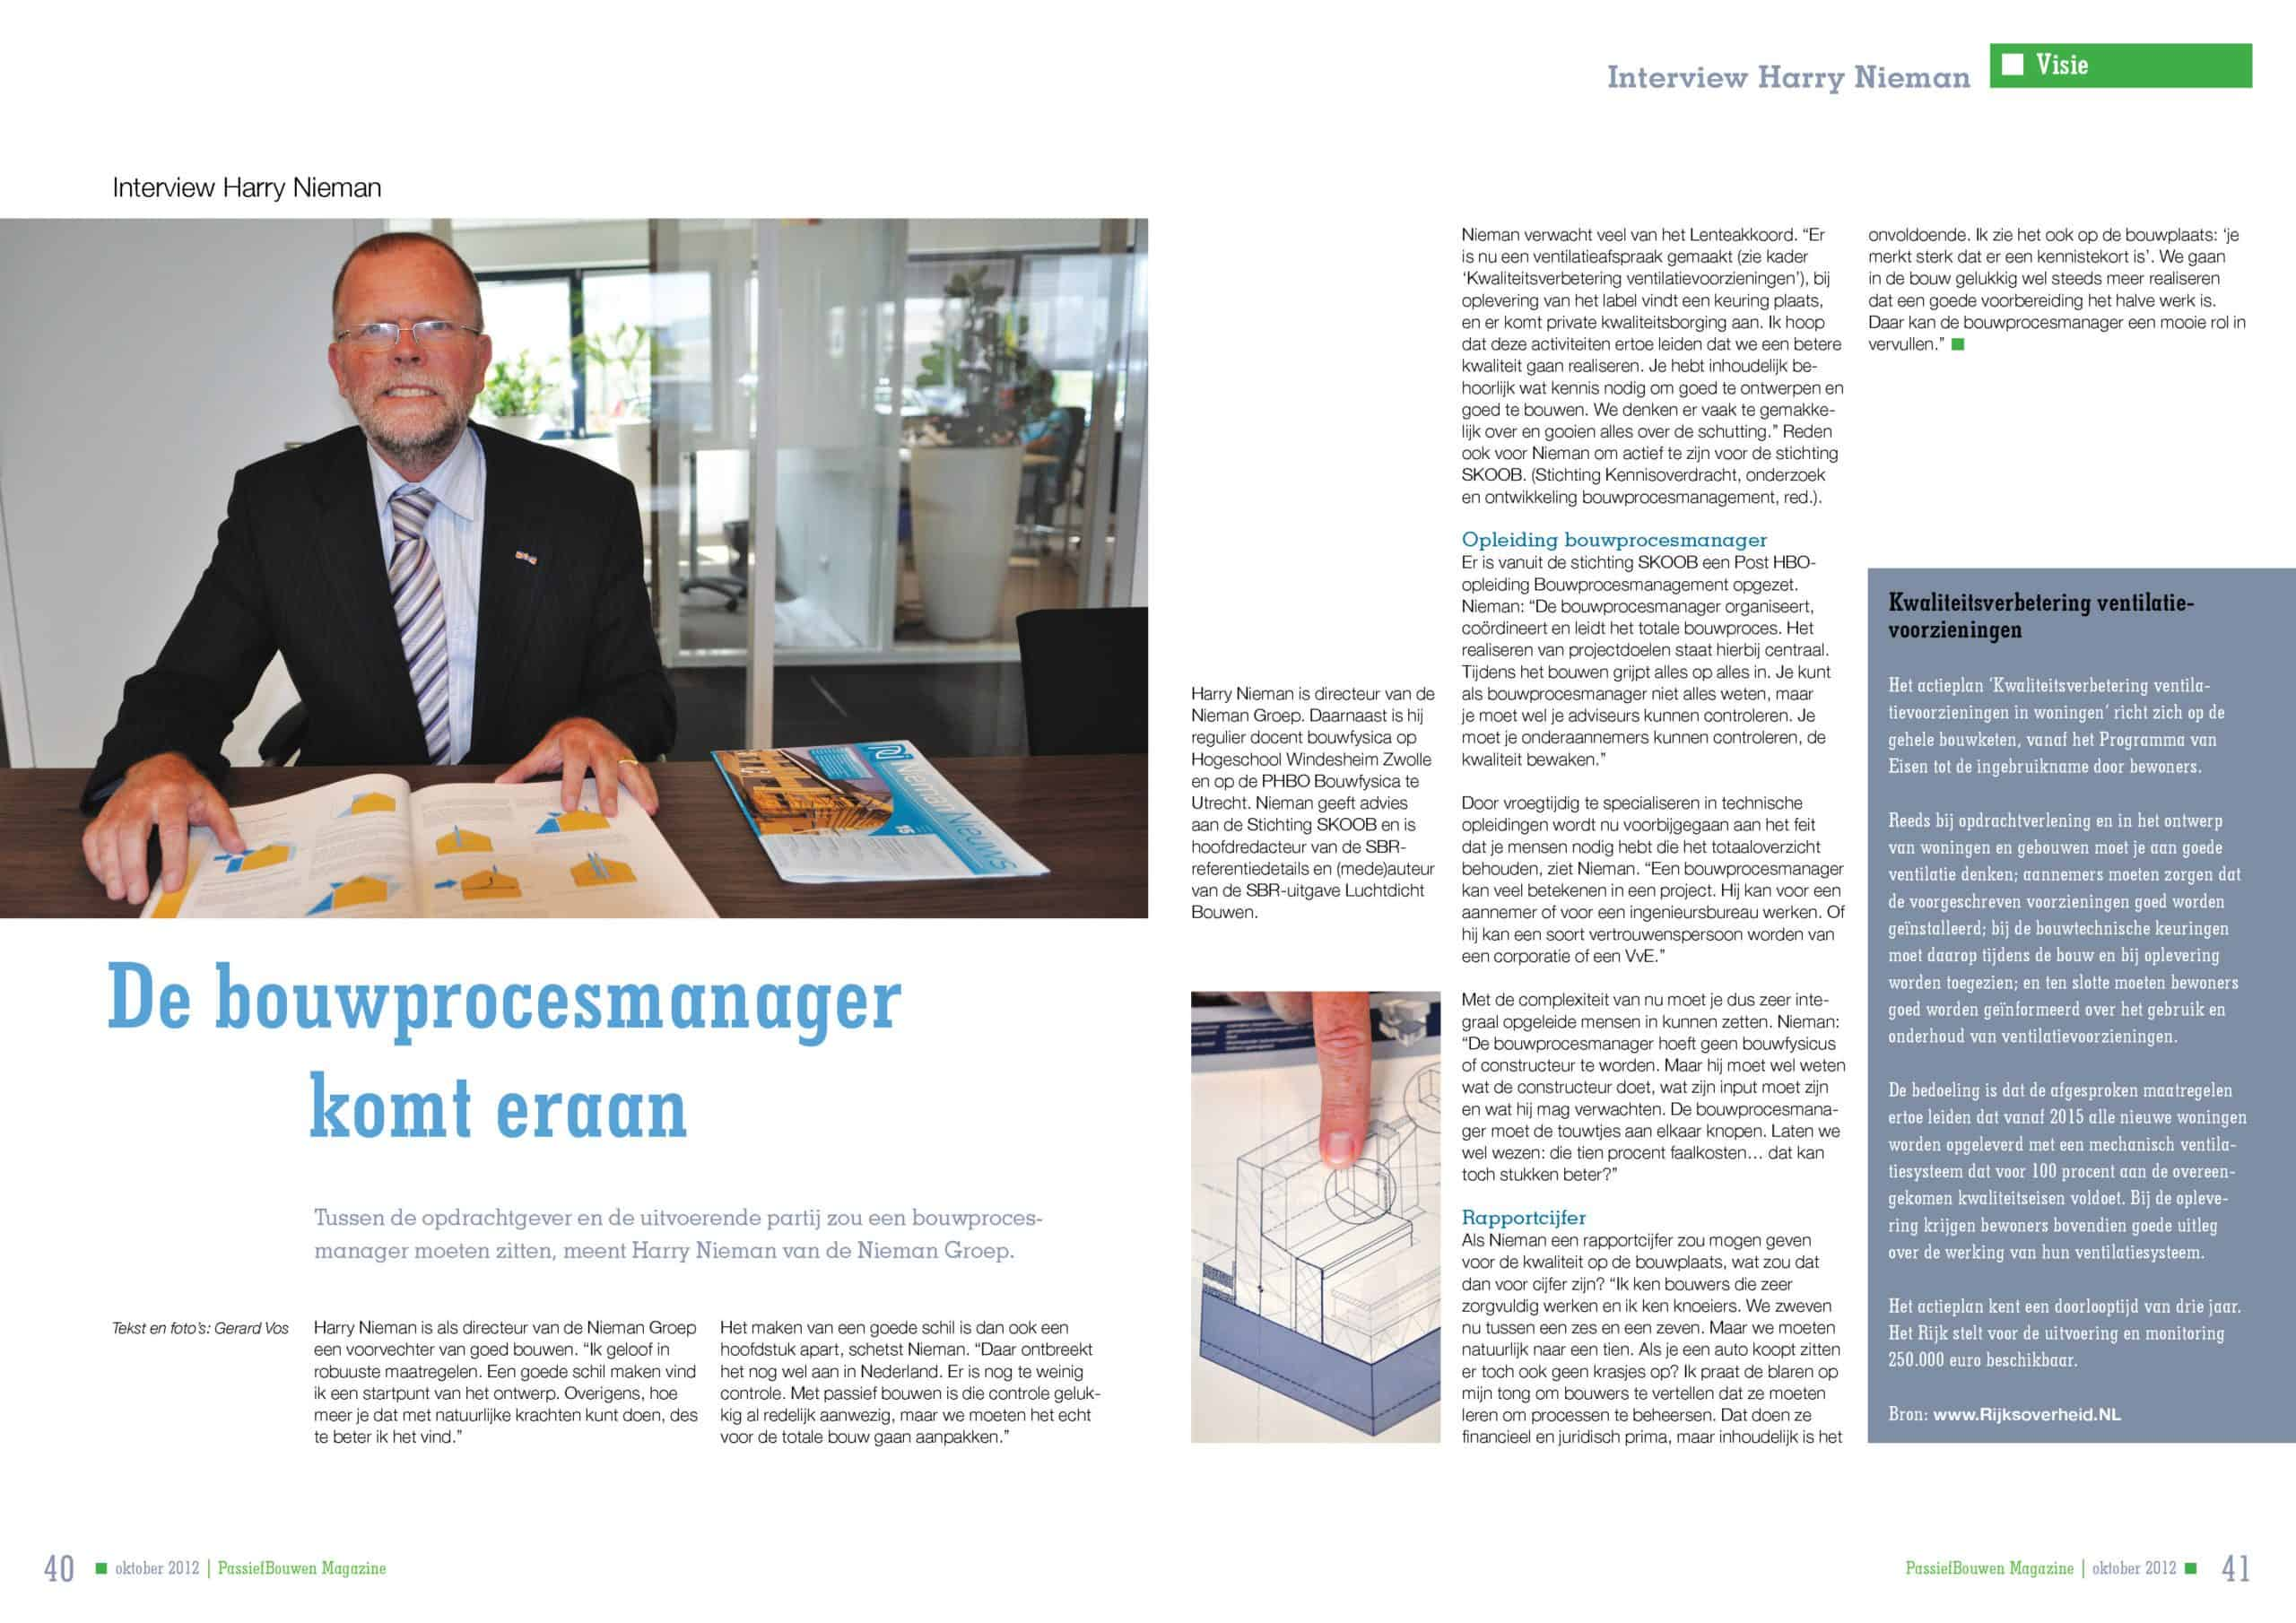 PassiefBouwenMagazine_2012-10_DE-Bouwprocesmanager-komt-eraan-3-scaled